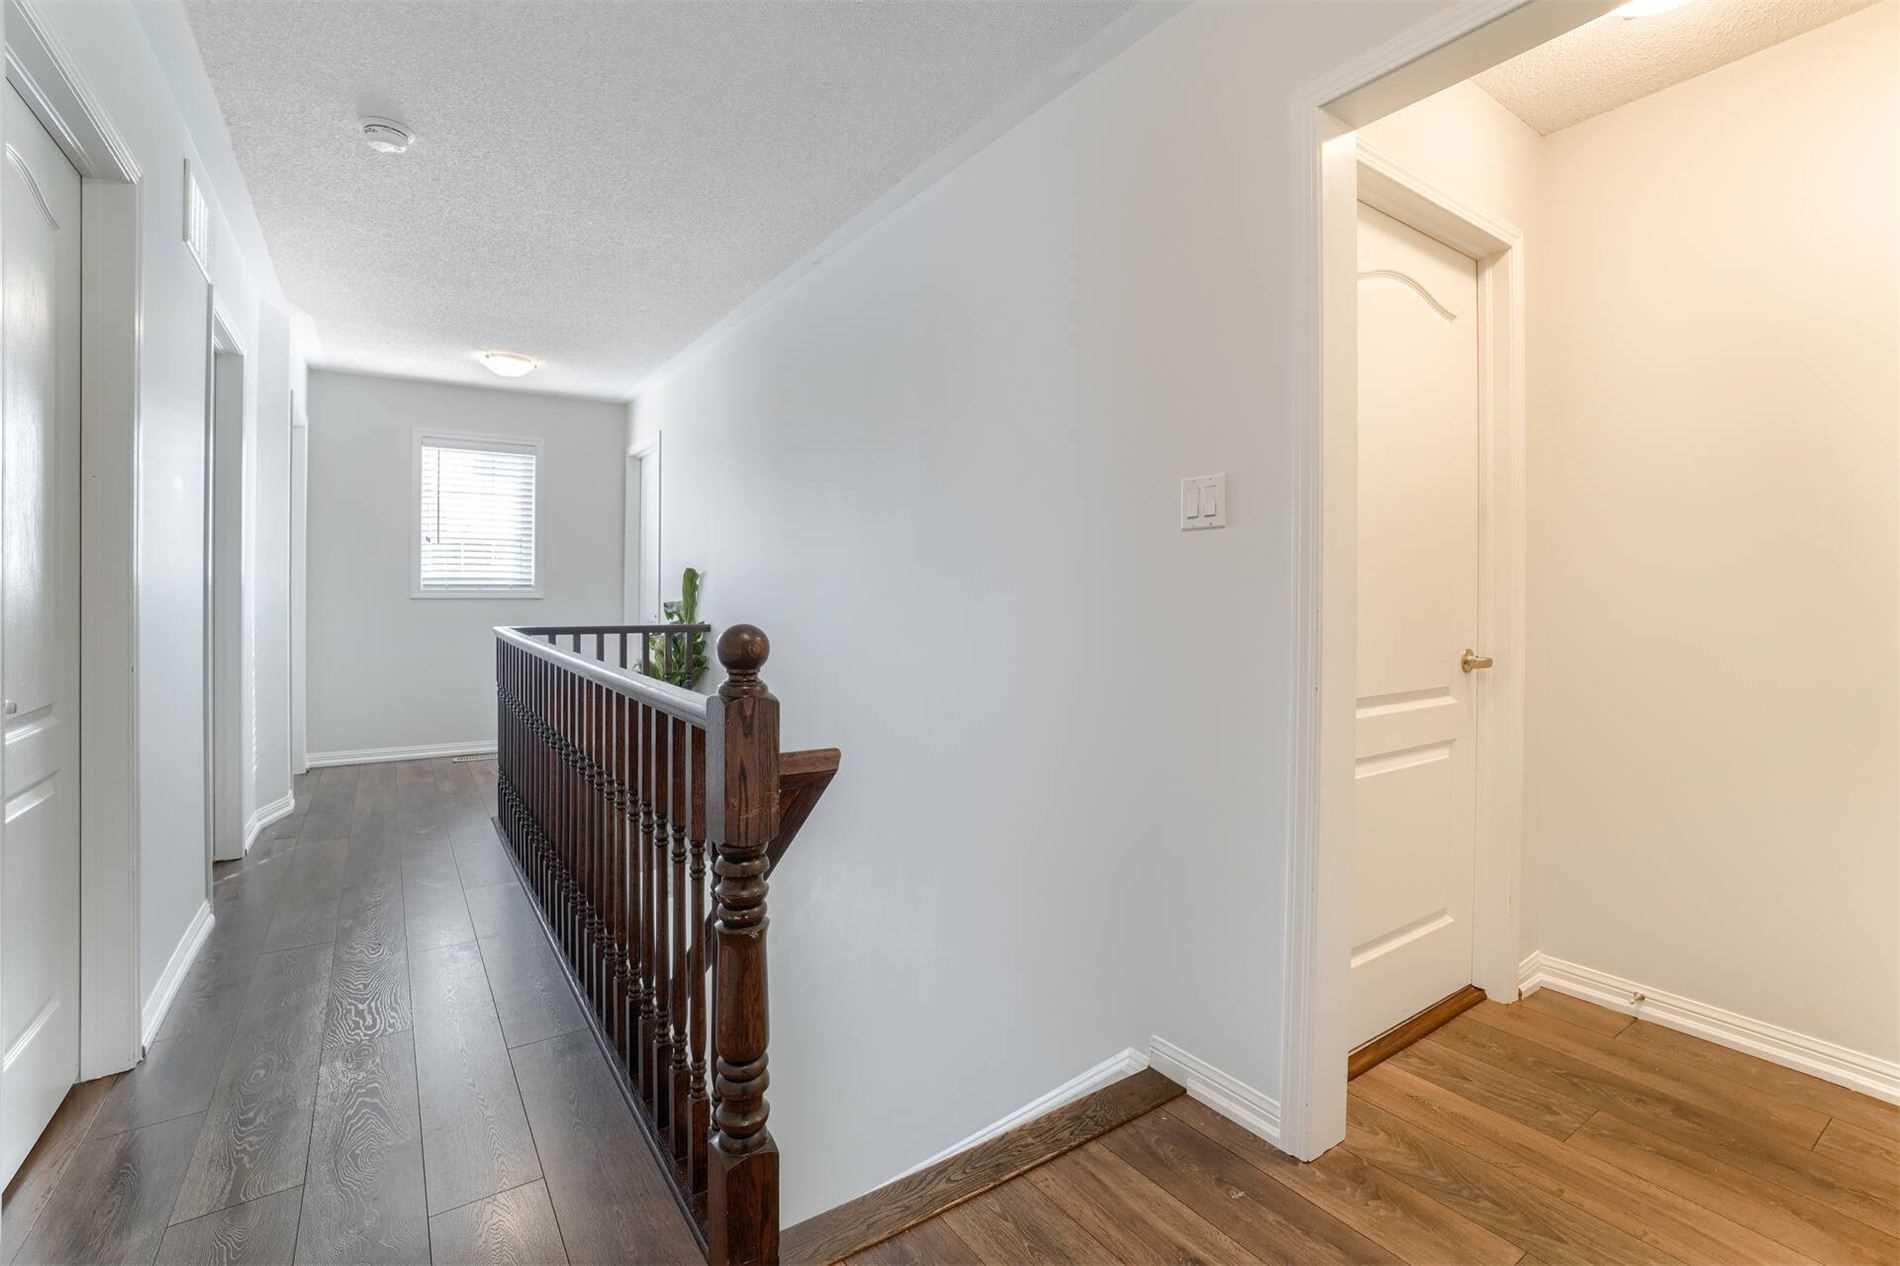 909 Hepburn Rd - Coates Detached for sale, 4 Bedrooms (W5398610) - #19